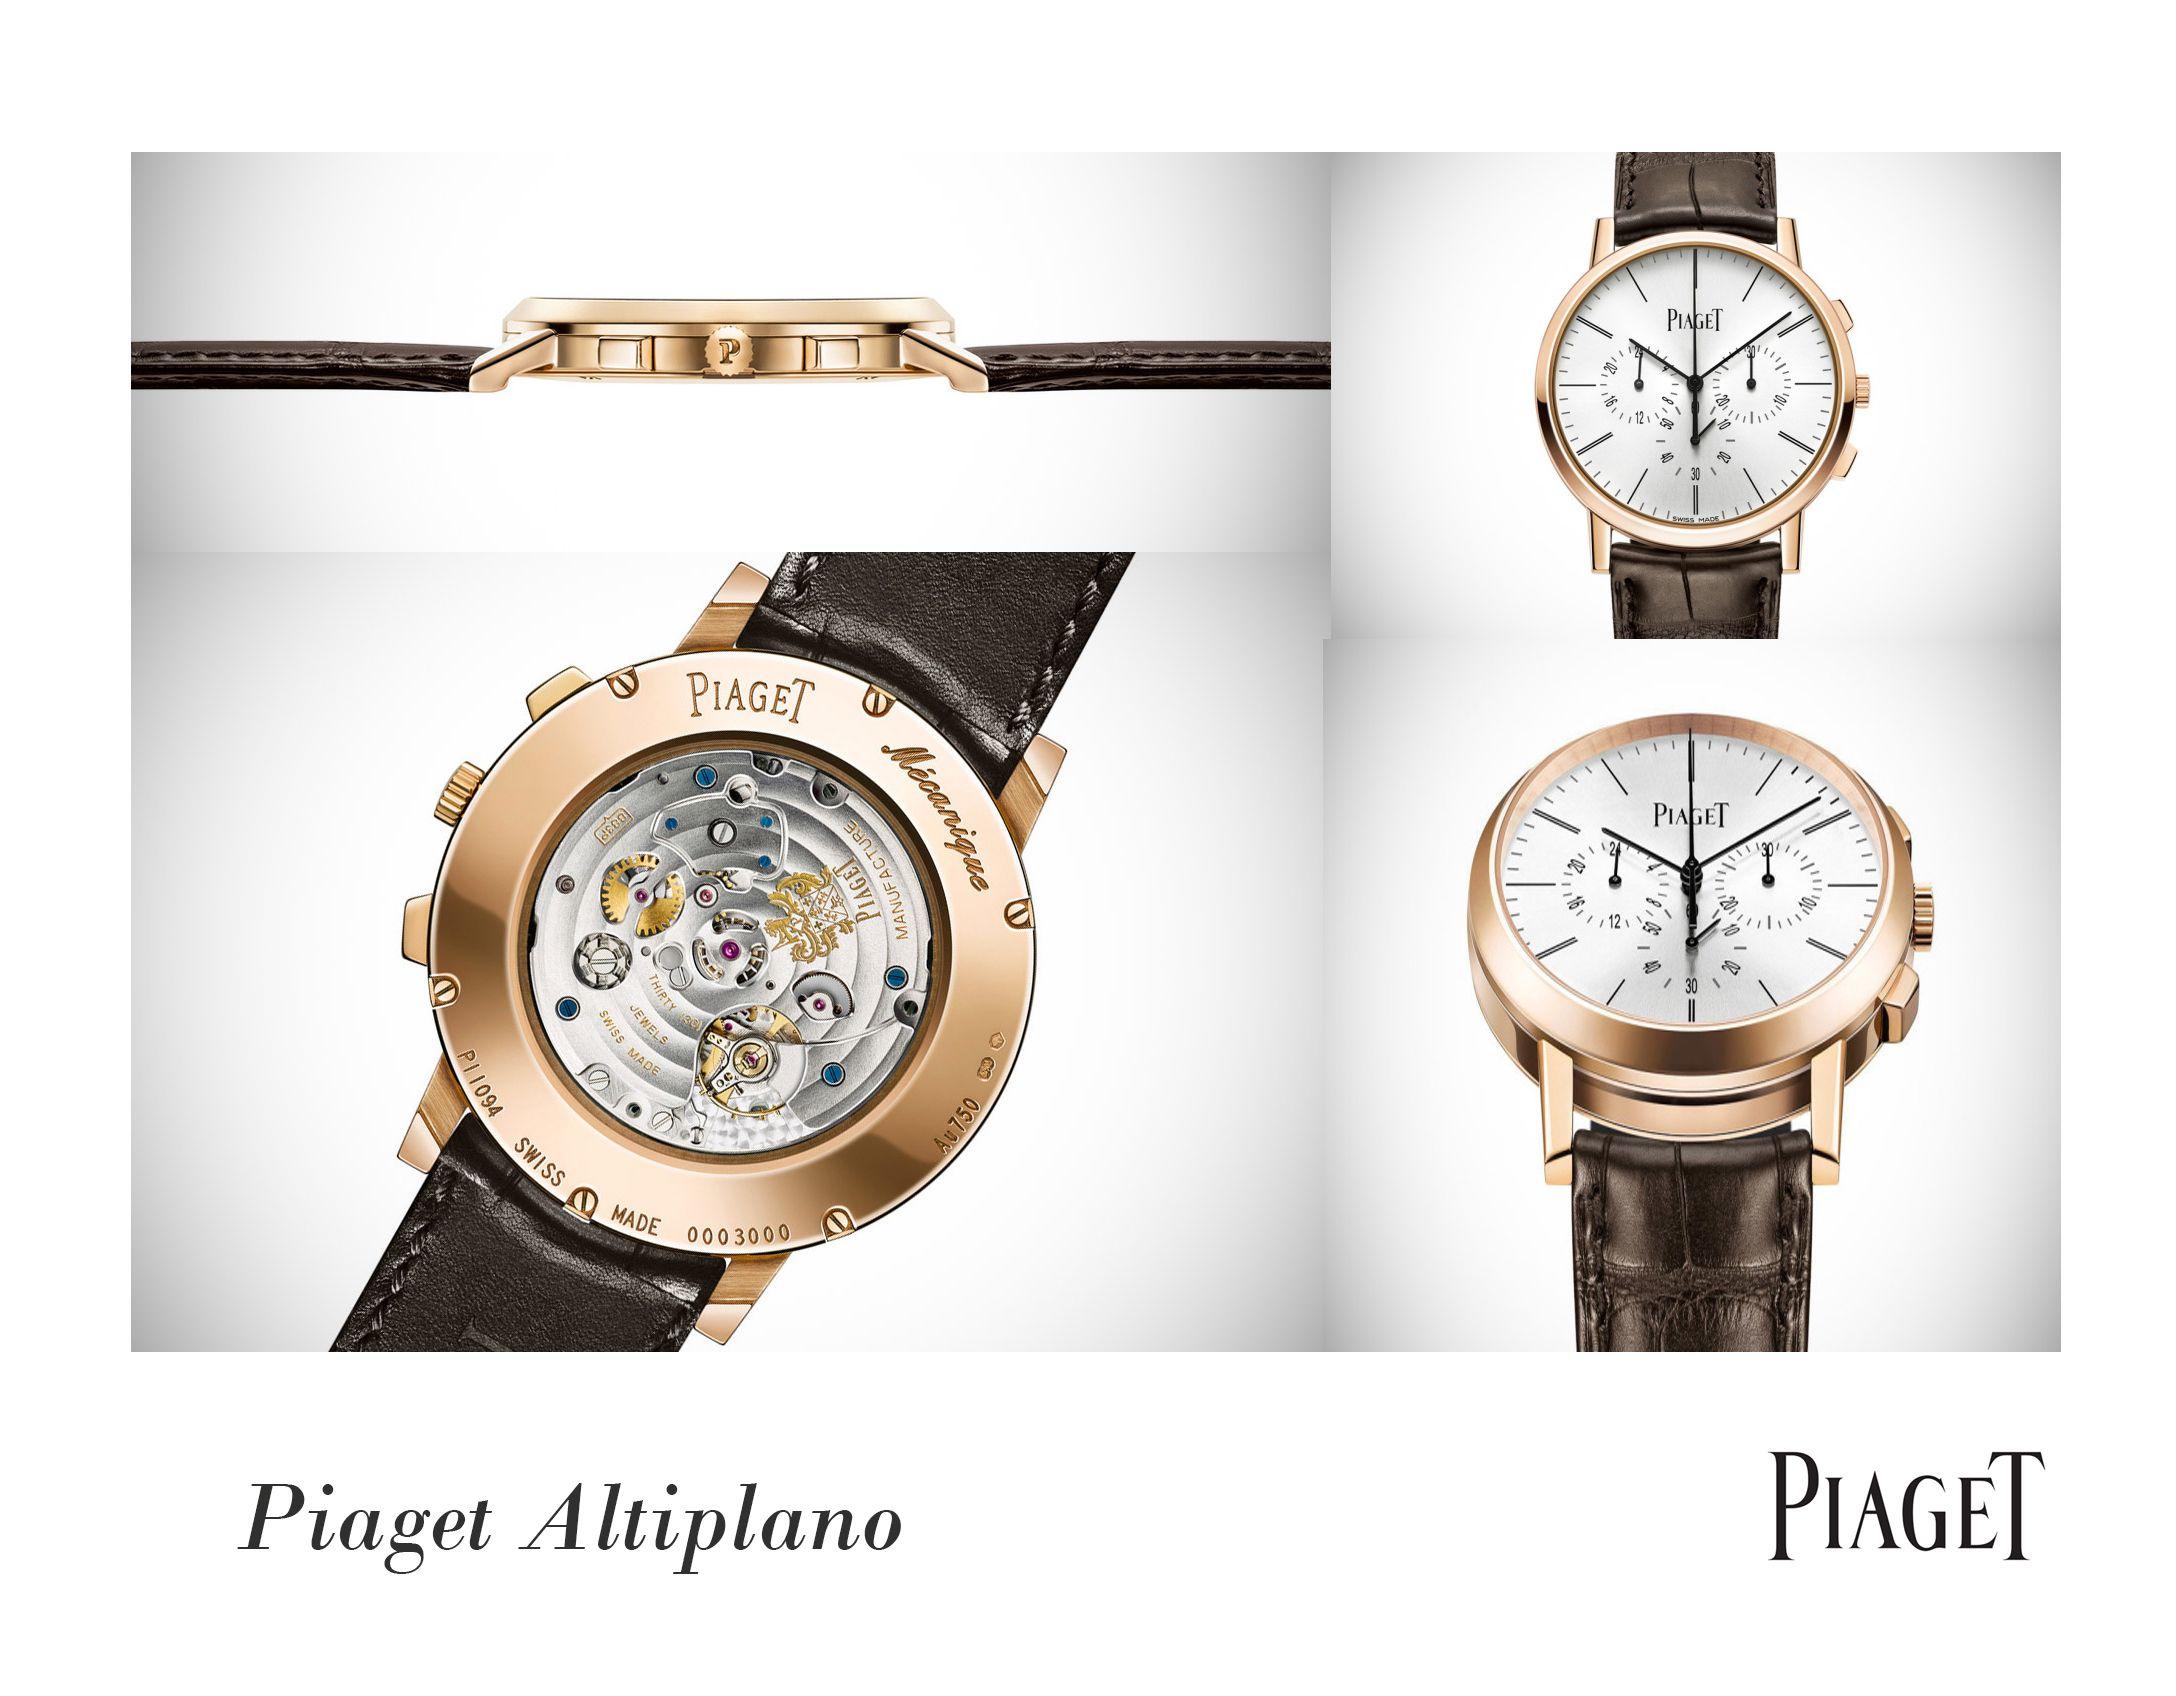 Compraventa De Relojes Usados Jorge Barrionuevo Reloj Jorge